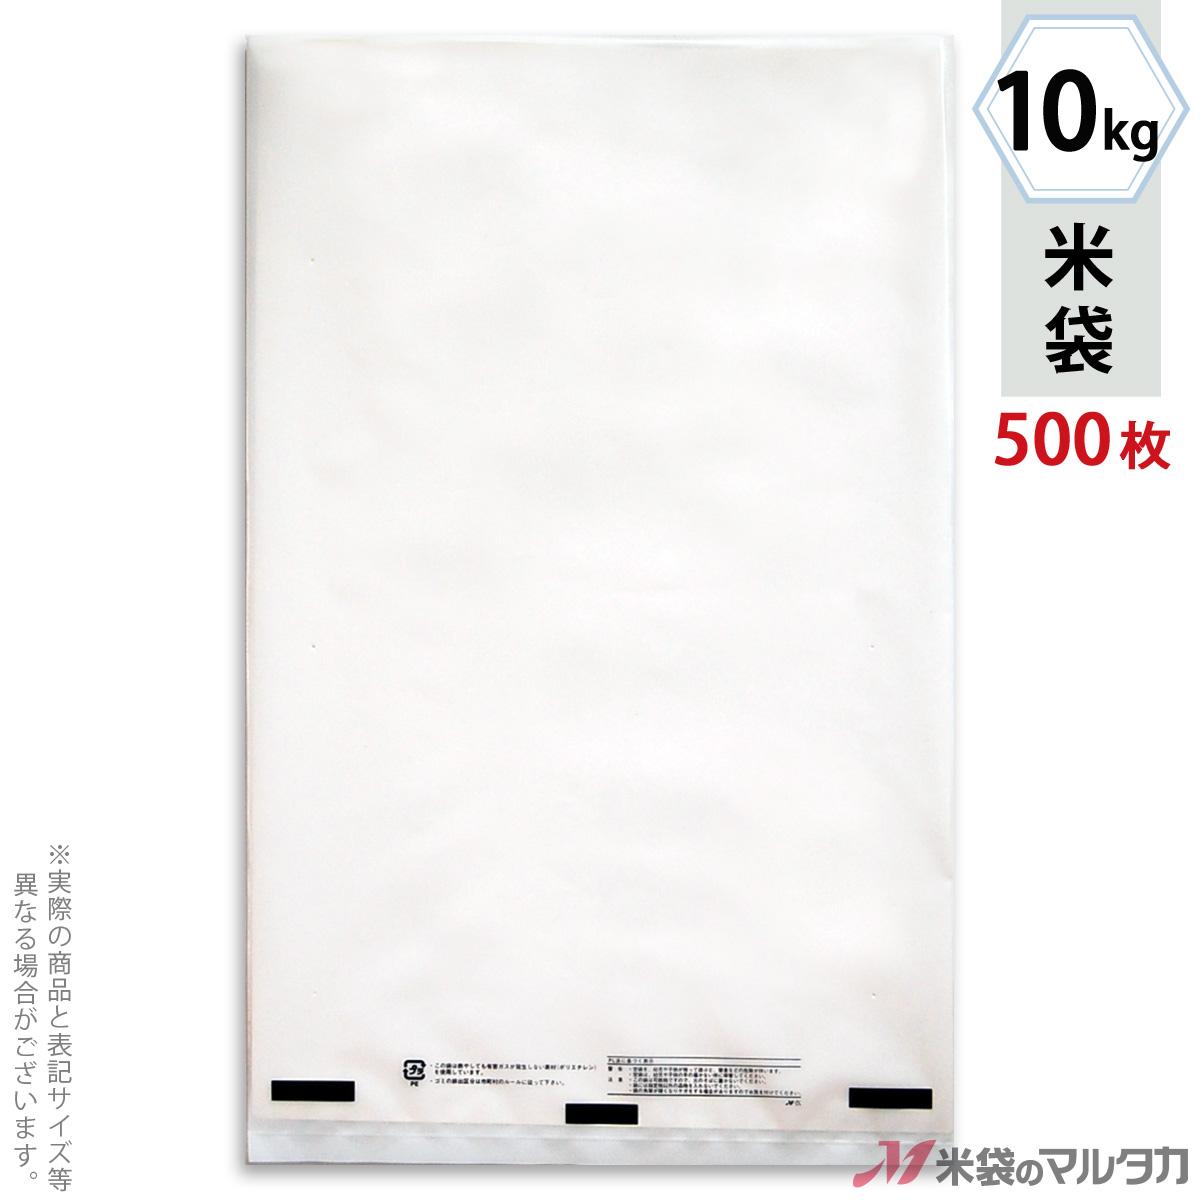 米袋 ポリ乳白 無地 10kg 1ケース(500枚入) P-04001